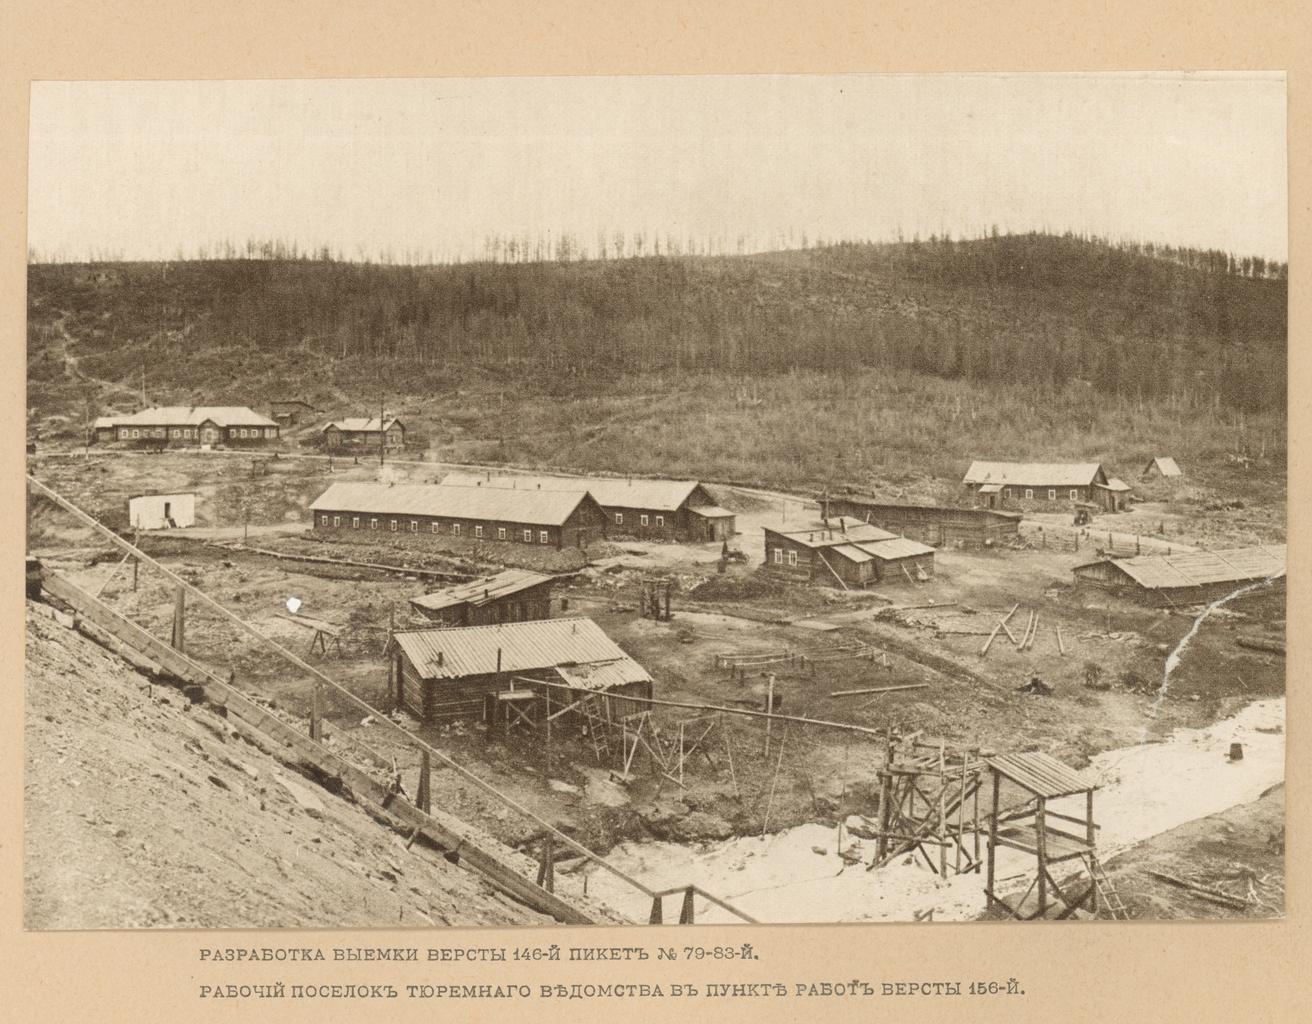 Верста 156. Рабочий поселок тюремного ведомства в пункте работ версты